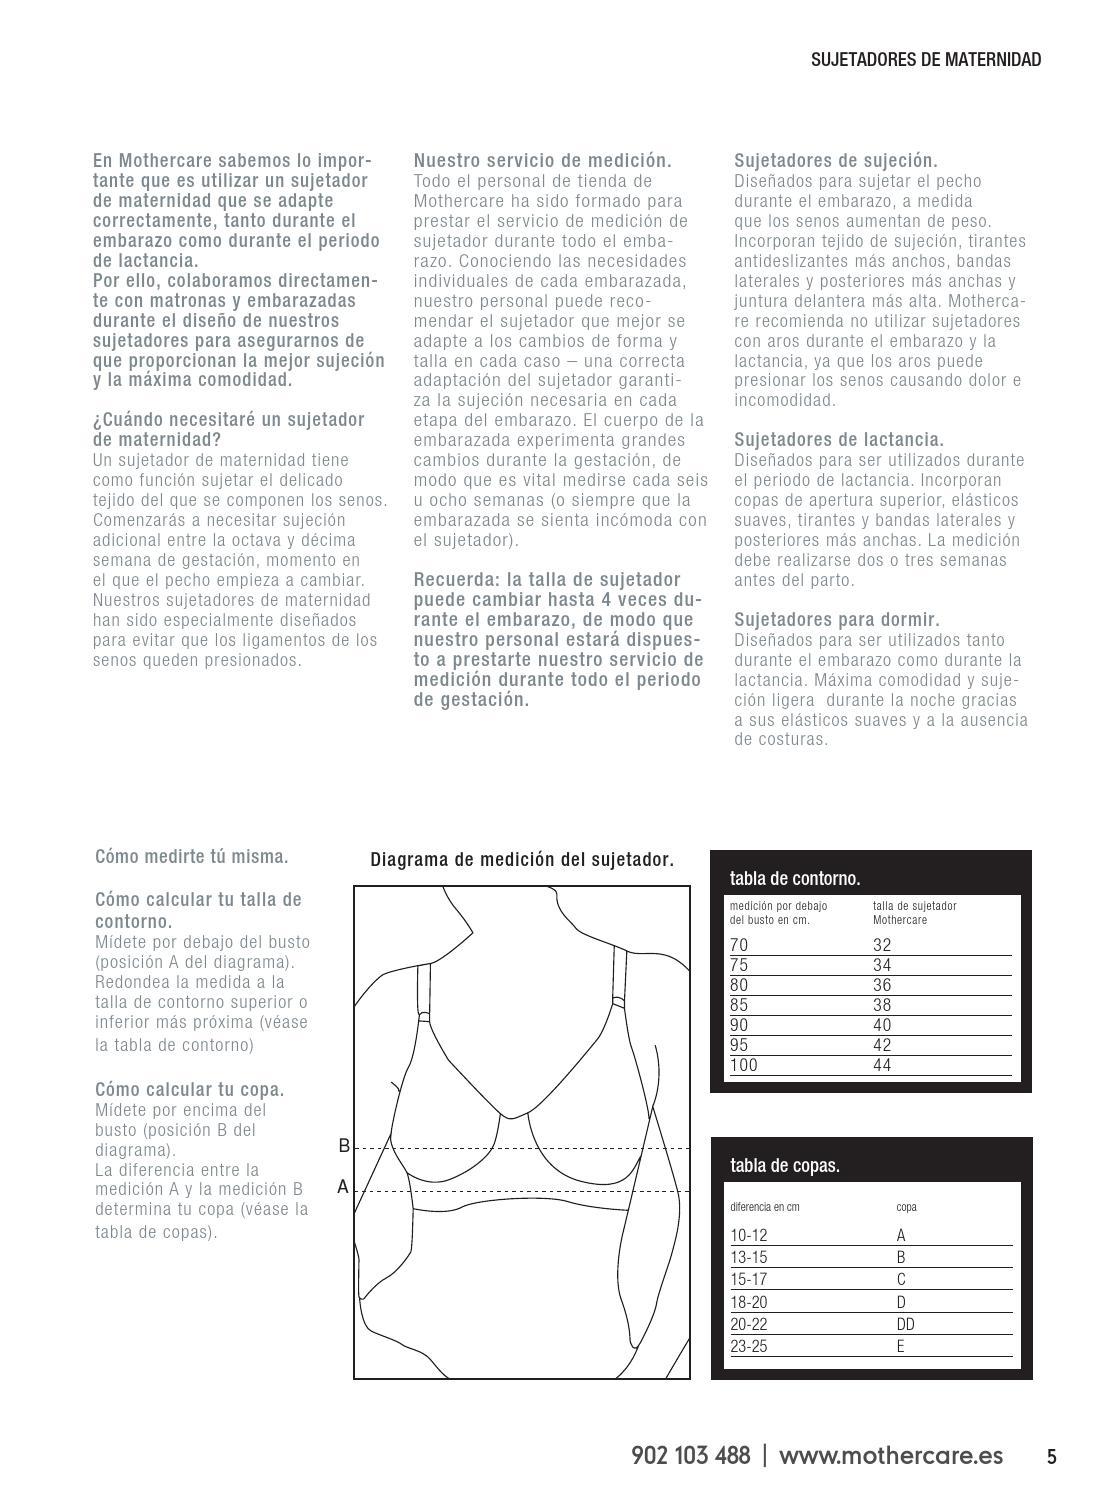 catalogo-mothercare by misfolletos.com misfolletos.com - issuu